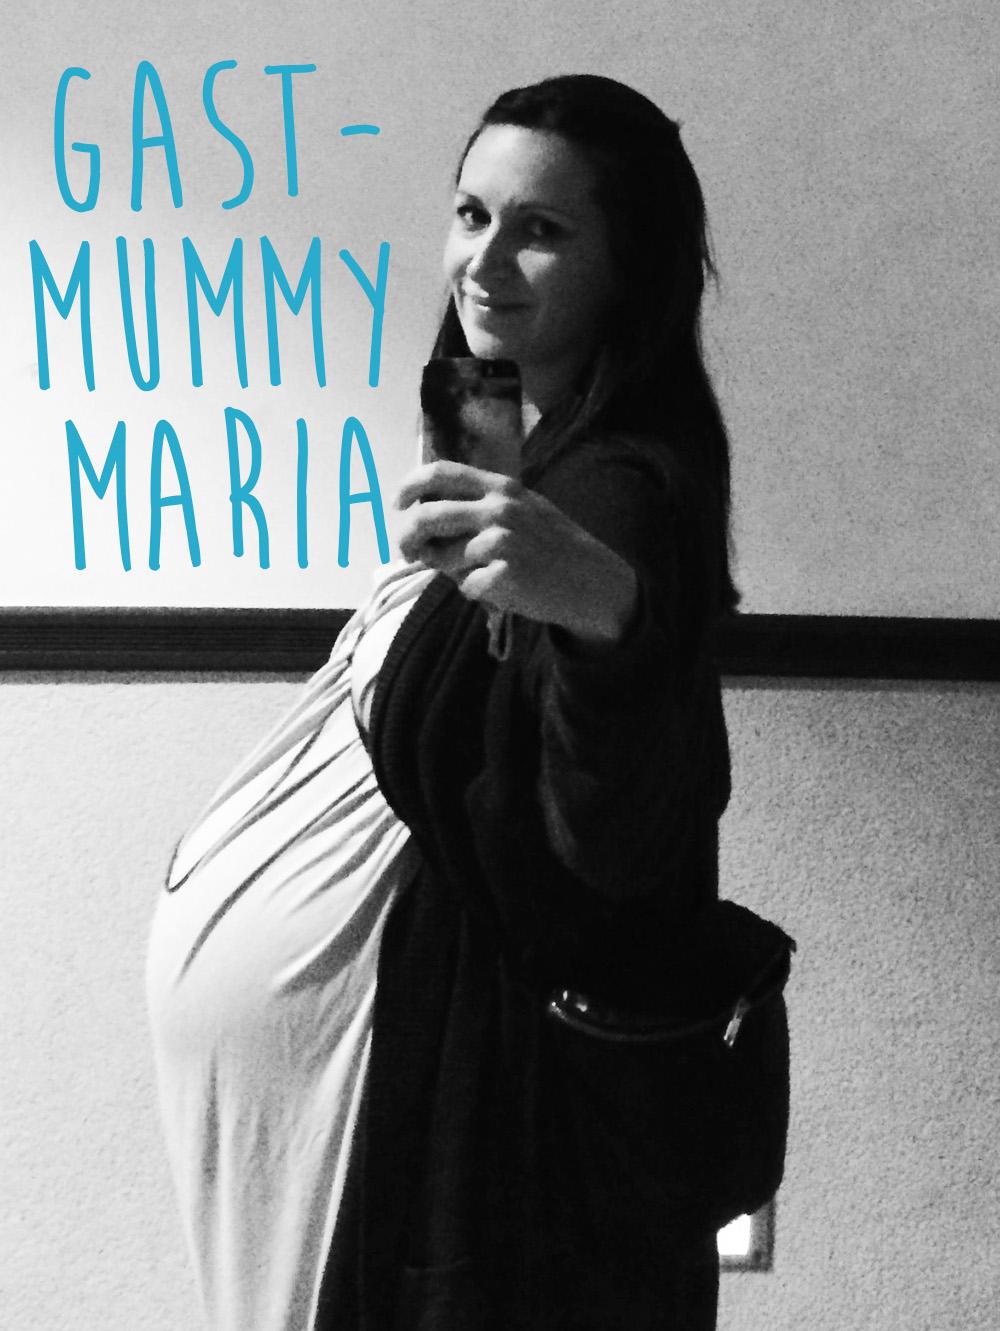 Gast_Mummy_Maria